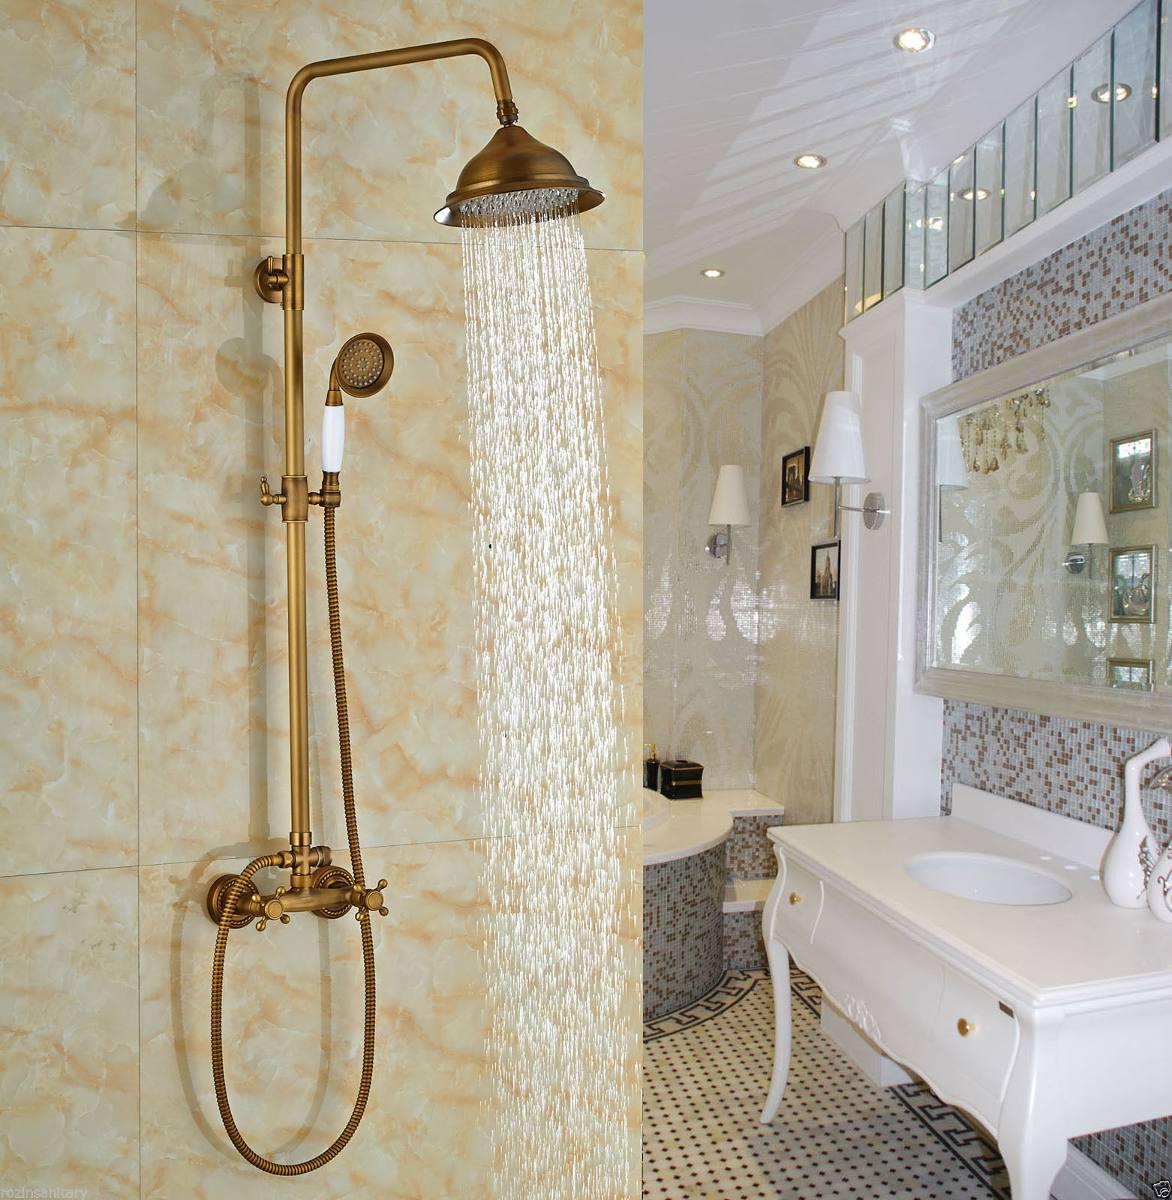 Columna ba o regadera antiguo redonda lluvia ducha mano for Griferia para duchas con regadera